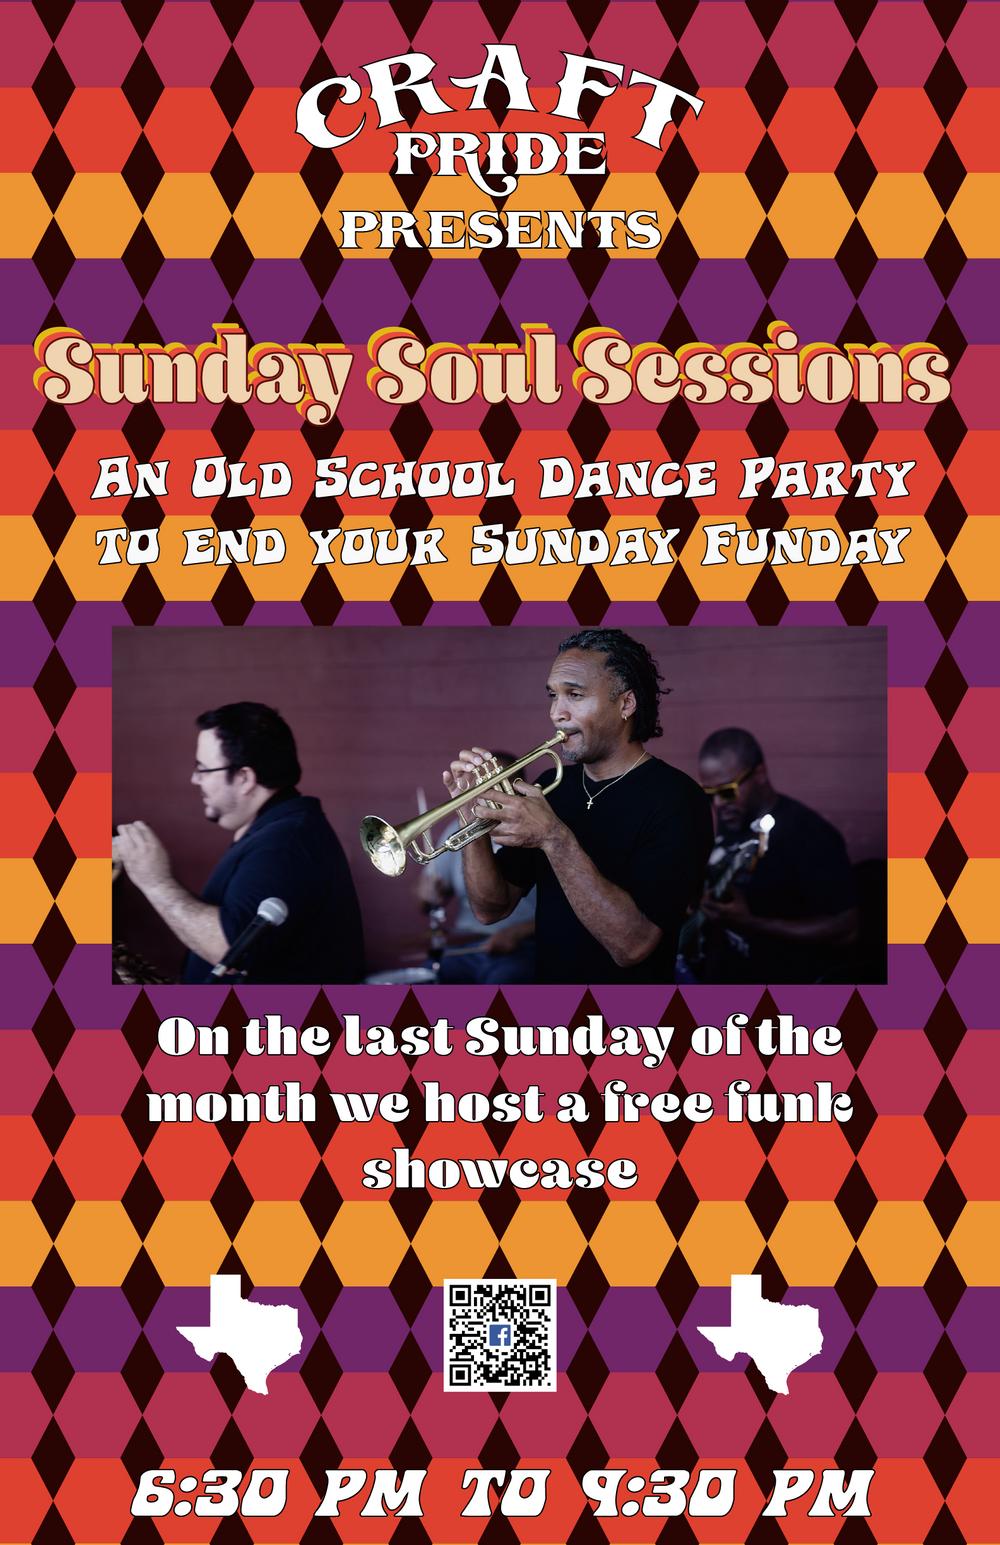 Soul Sessions@2x.png